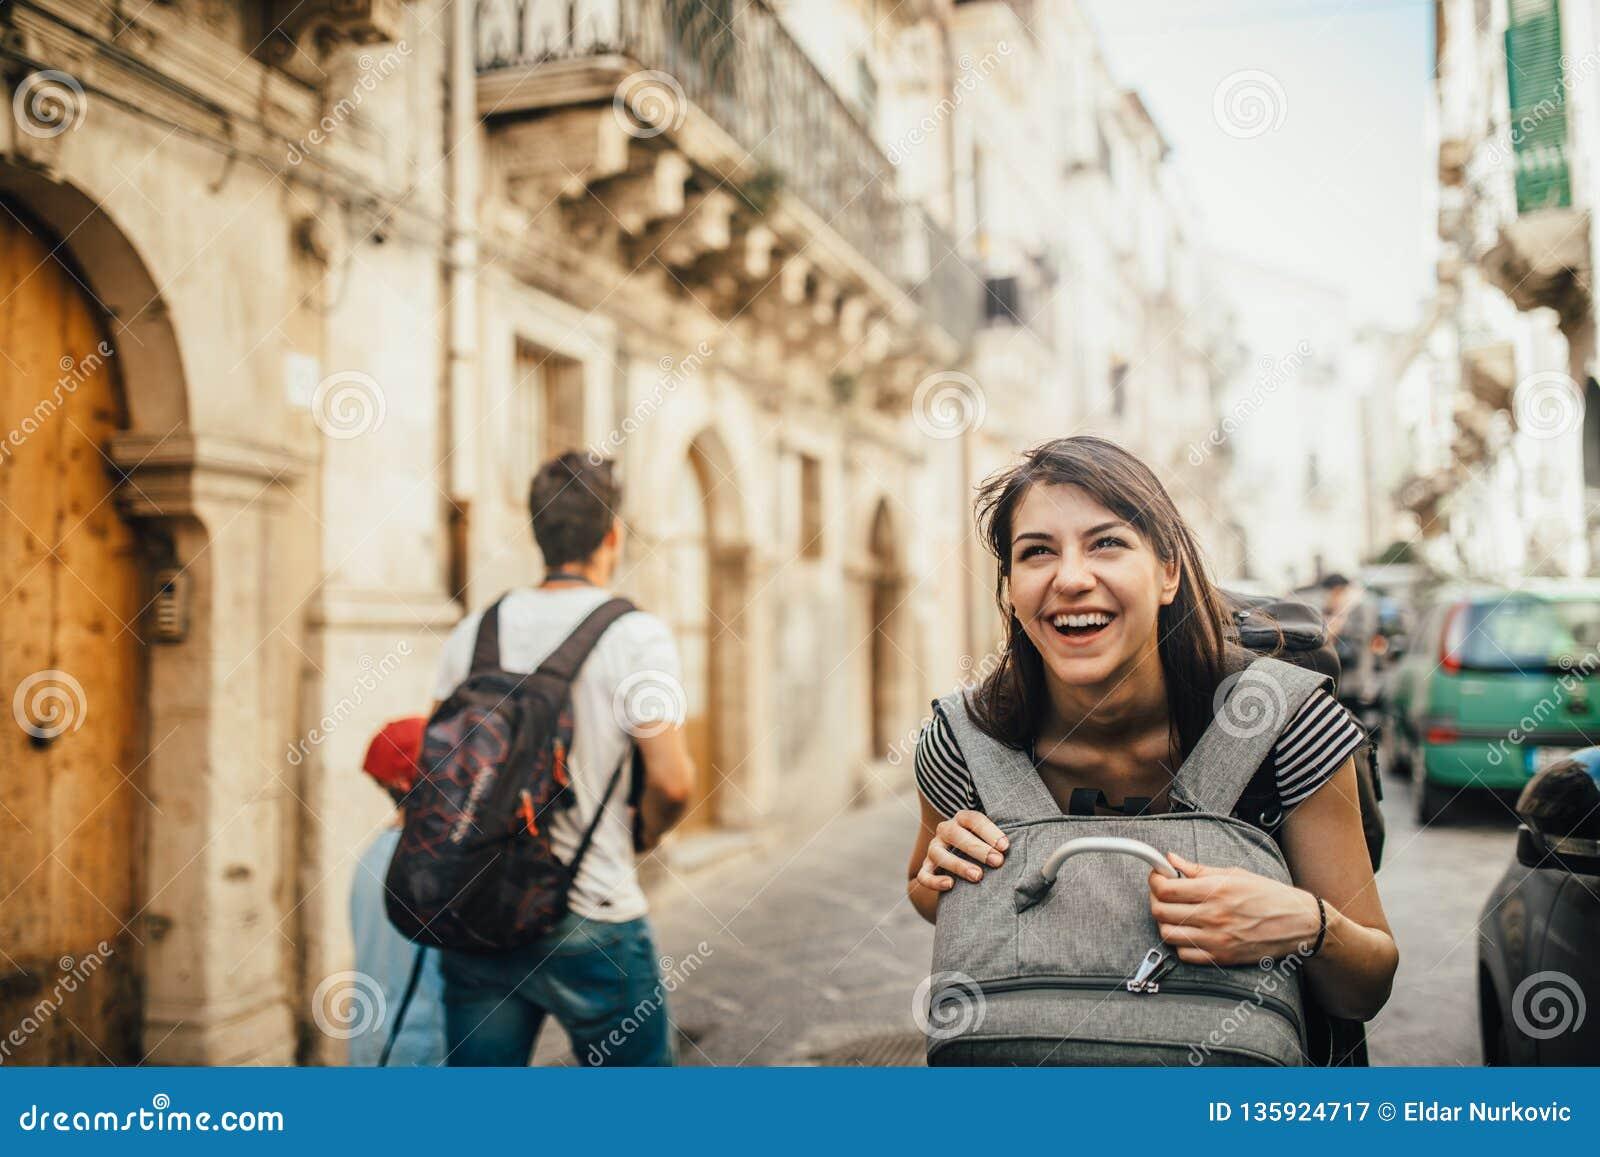 Θηλυκός τουρίστας backpacker επισκεπτόμενη Ιταλία Γυναίκα στις Συρακούσες, Σικελία Παλαιά πόλη των Συρακουσών, επισκέπτης νησιών